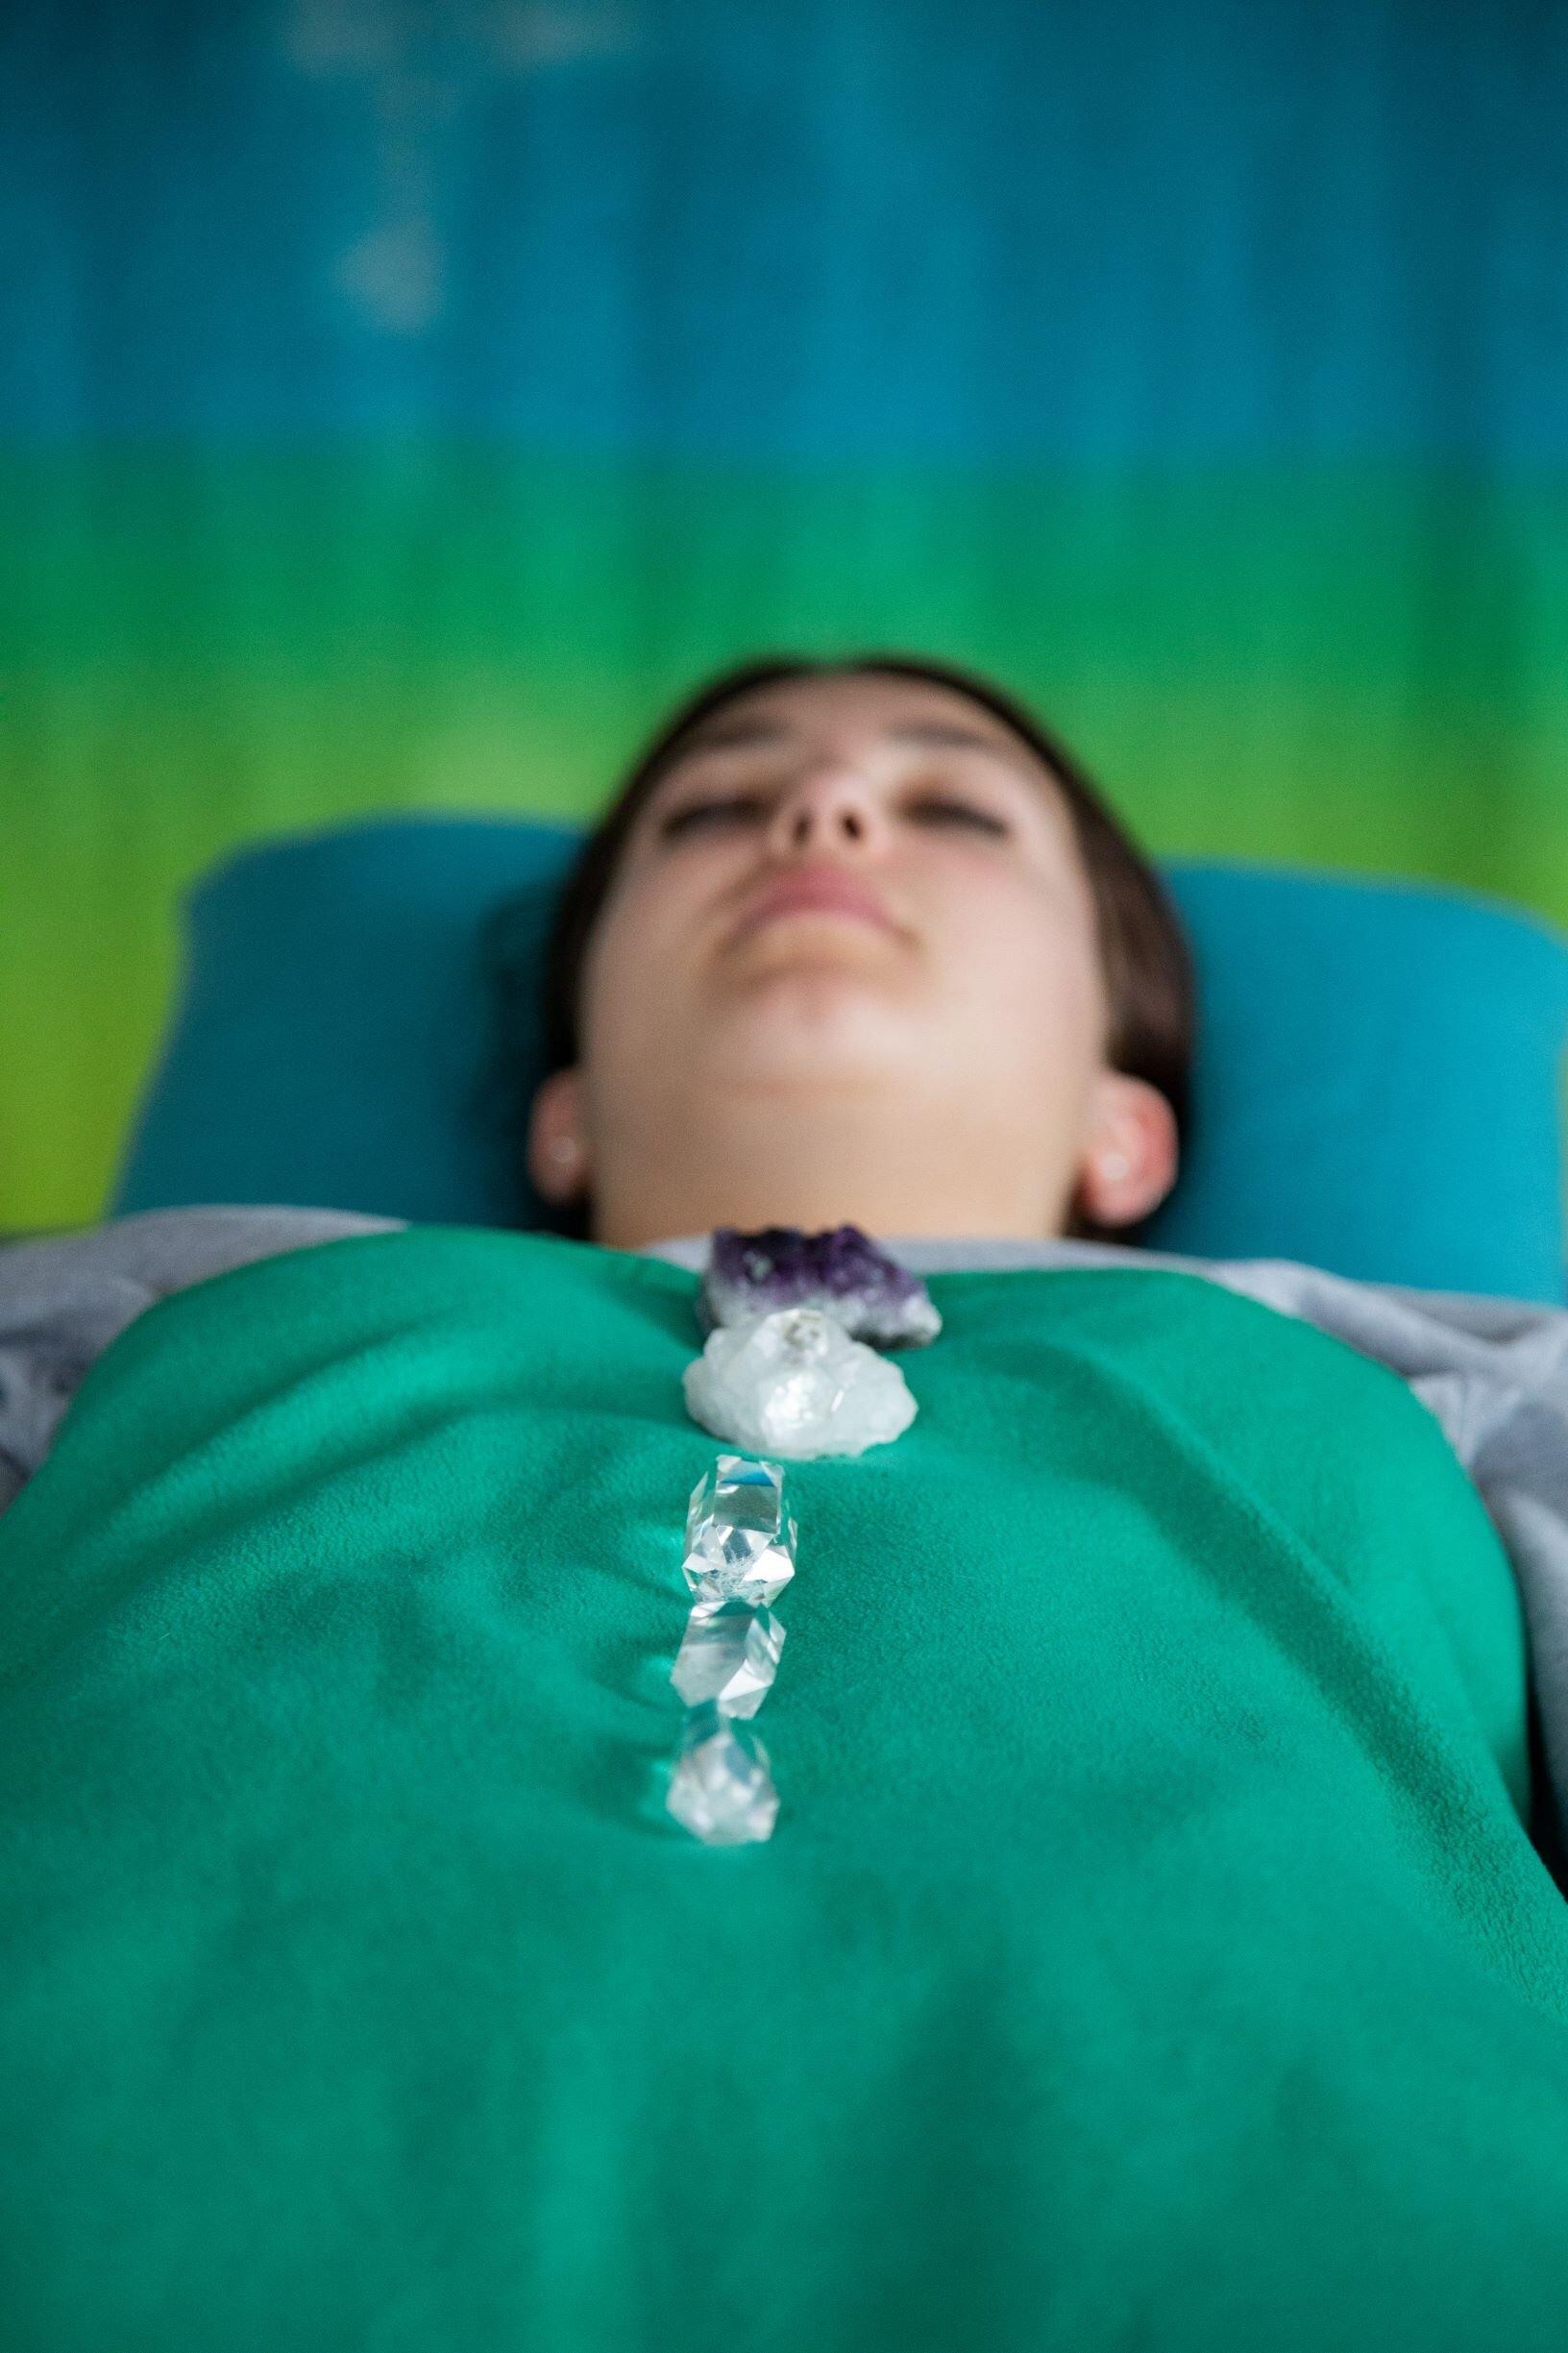 Green Teen in held space healing kinesiology